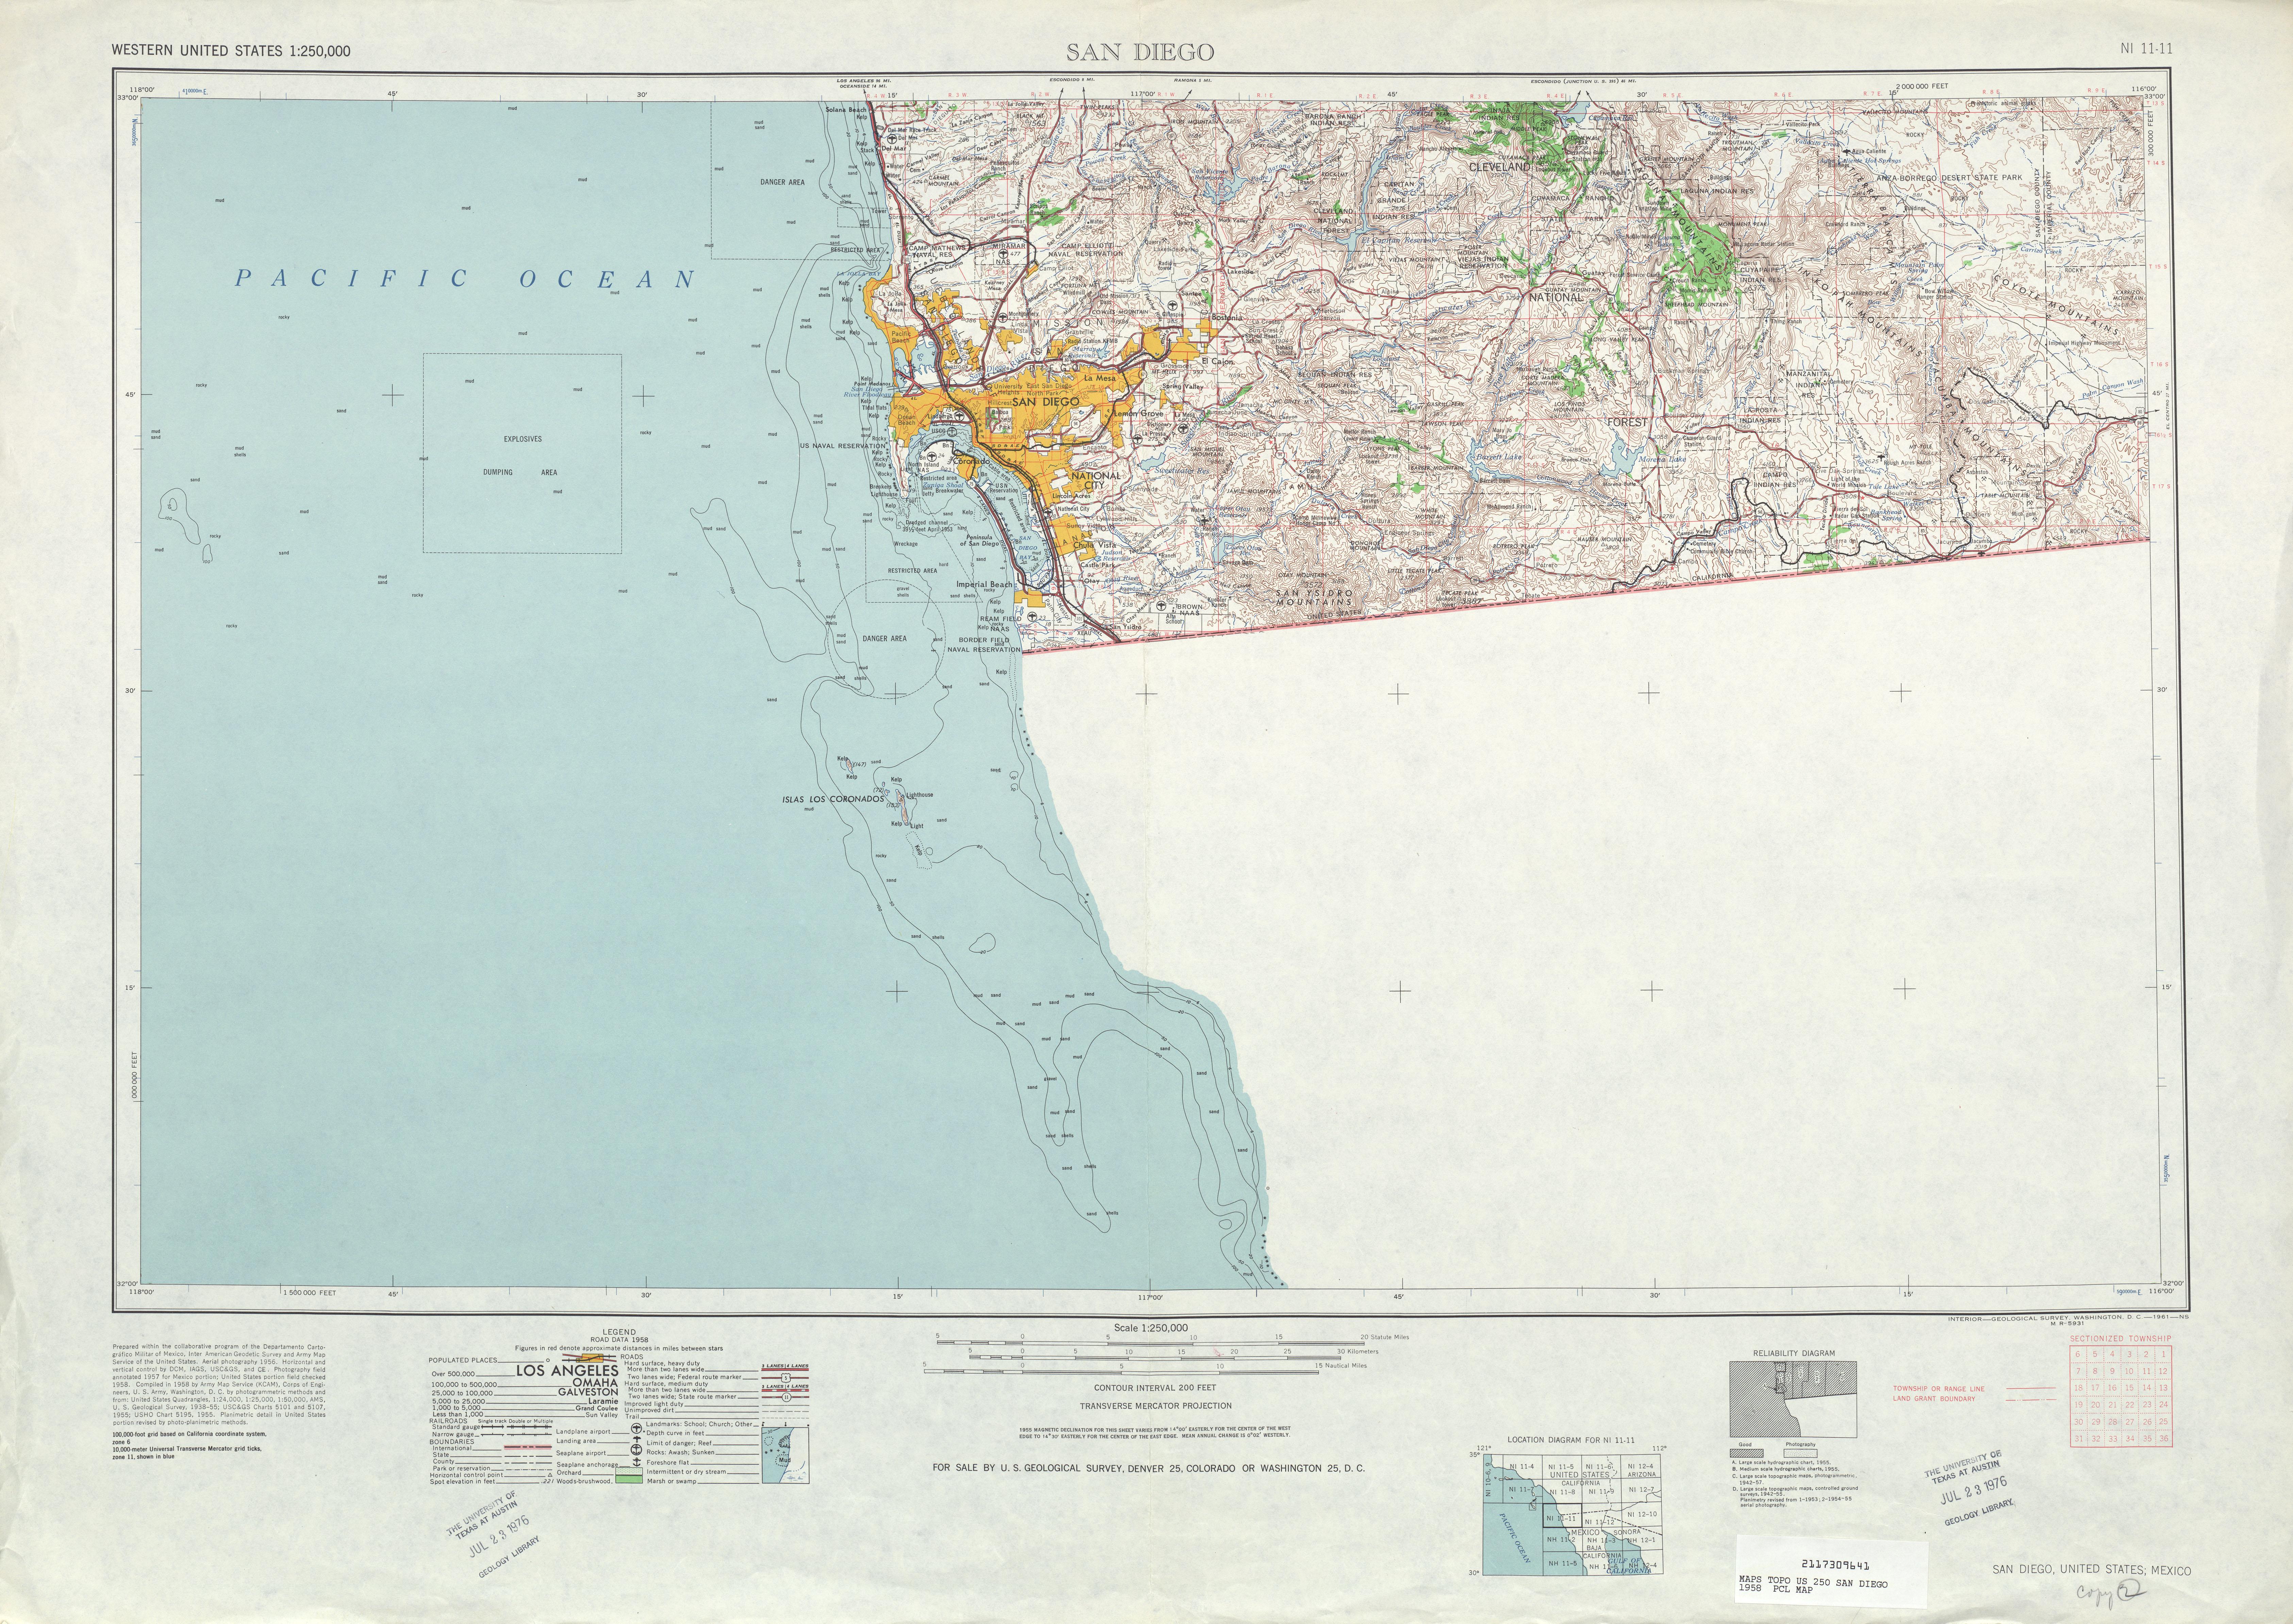 Hoja San Diego del Mapa Topográfico de los Estados Unidos 1958